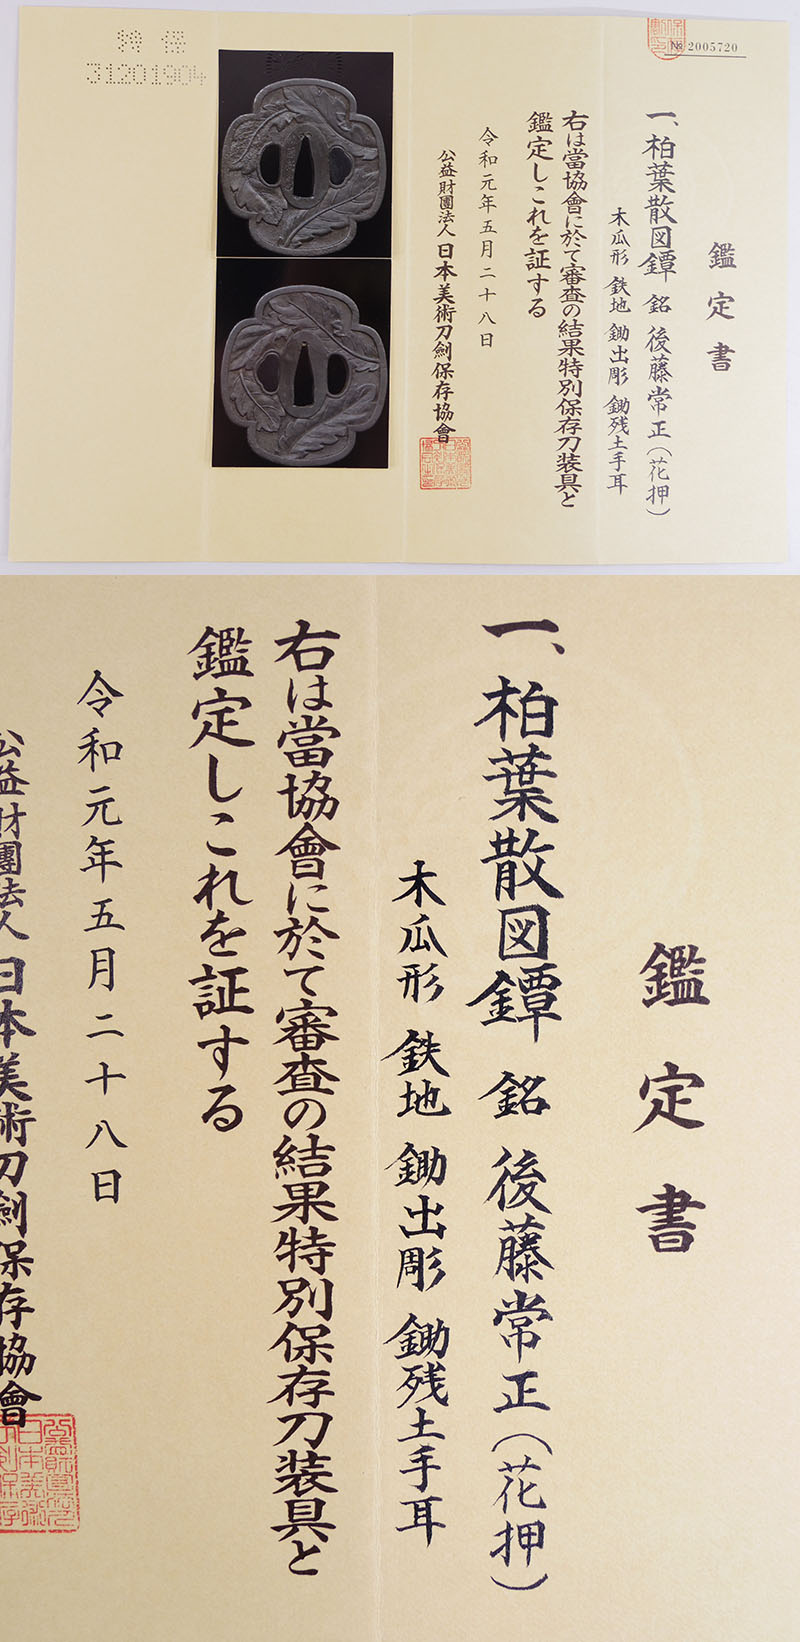 柏葉散図鍔 後藤常正(花押) Picture of Certificate